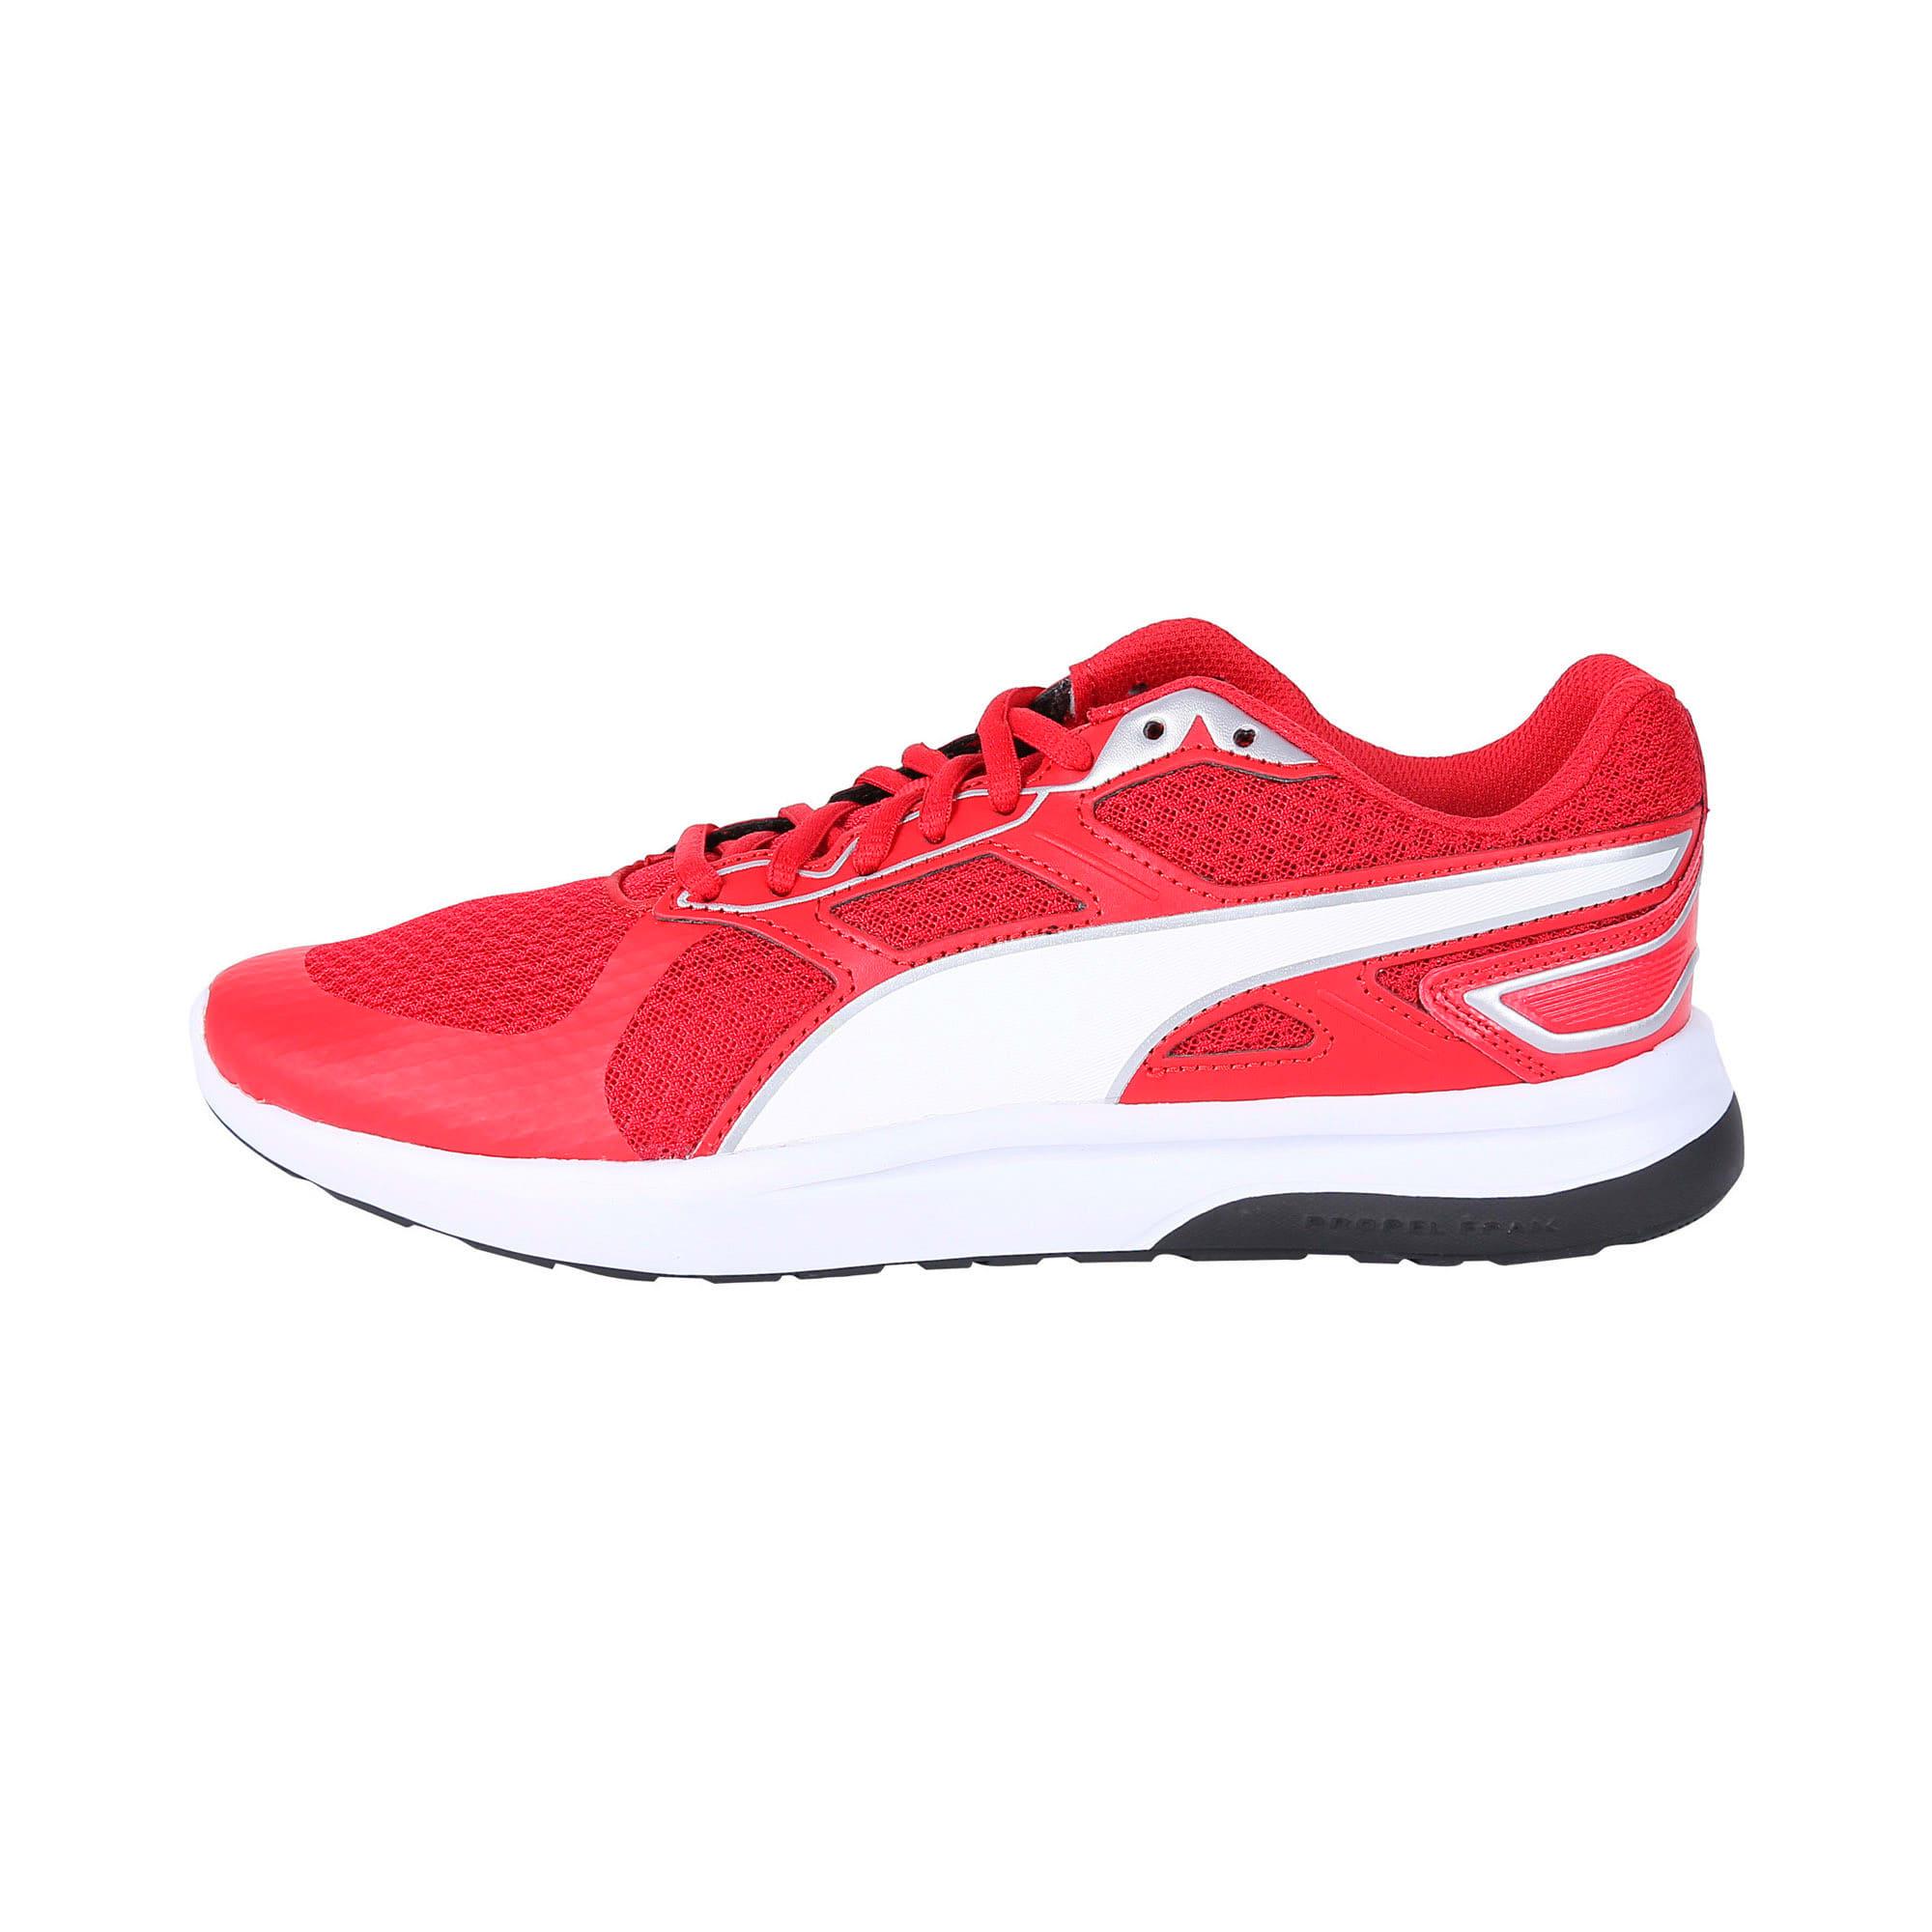 Thumbnail 1 of Escaper Tech Sneakers, Ribbon Red-Puma Wh-Puma Blk, medium-IND